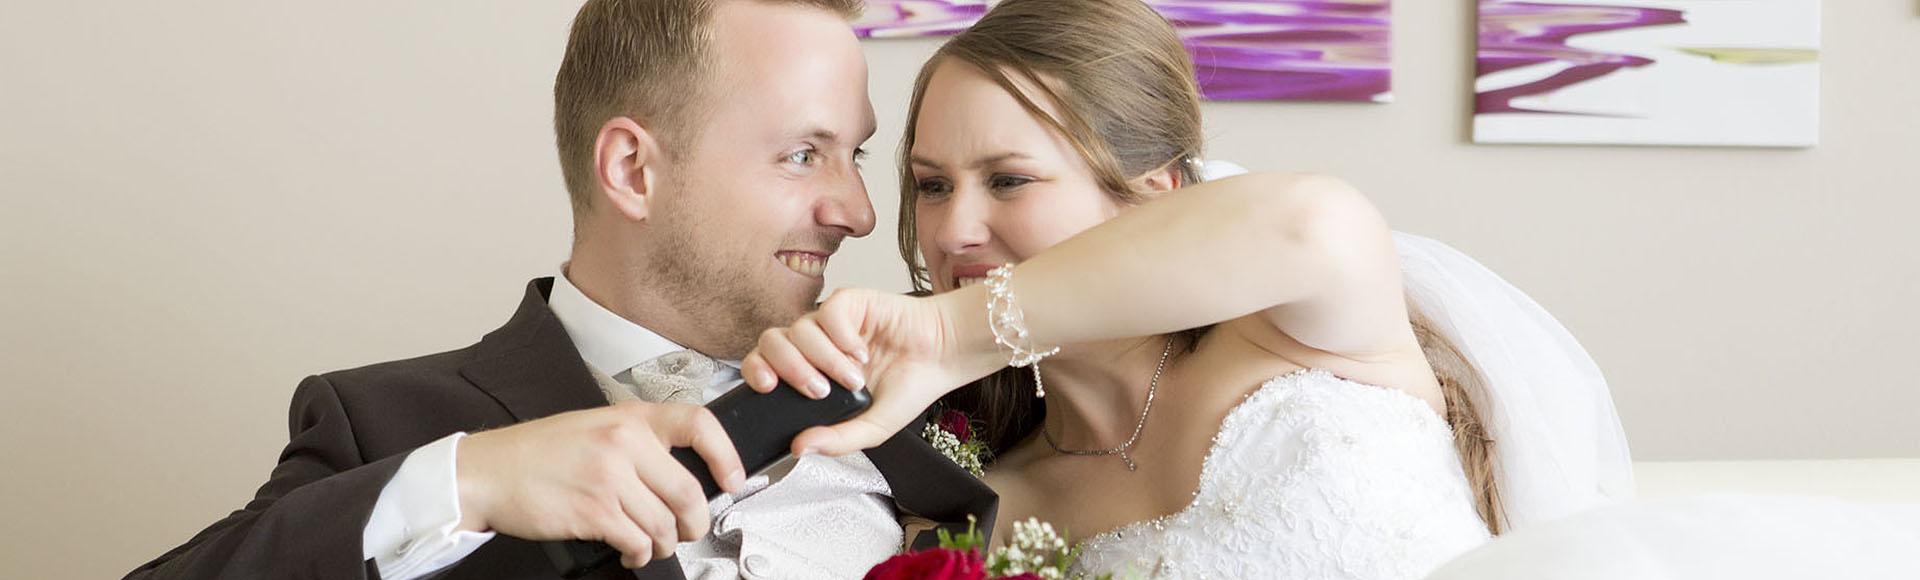 Ihr persönlicher Hochzeitsfilm